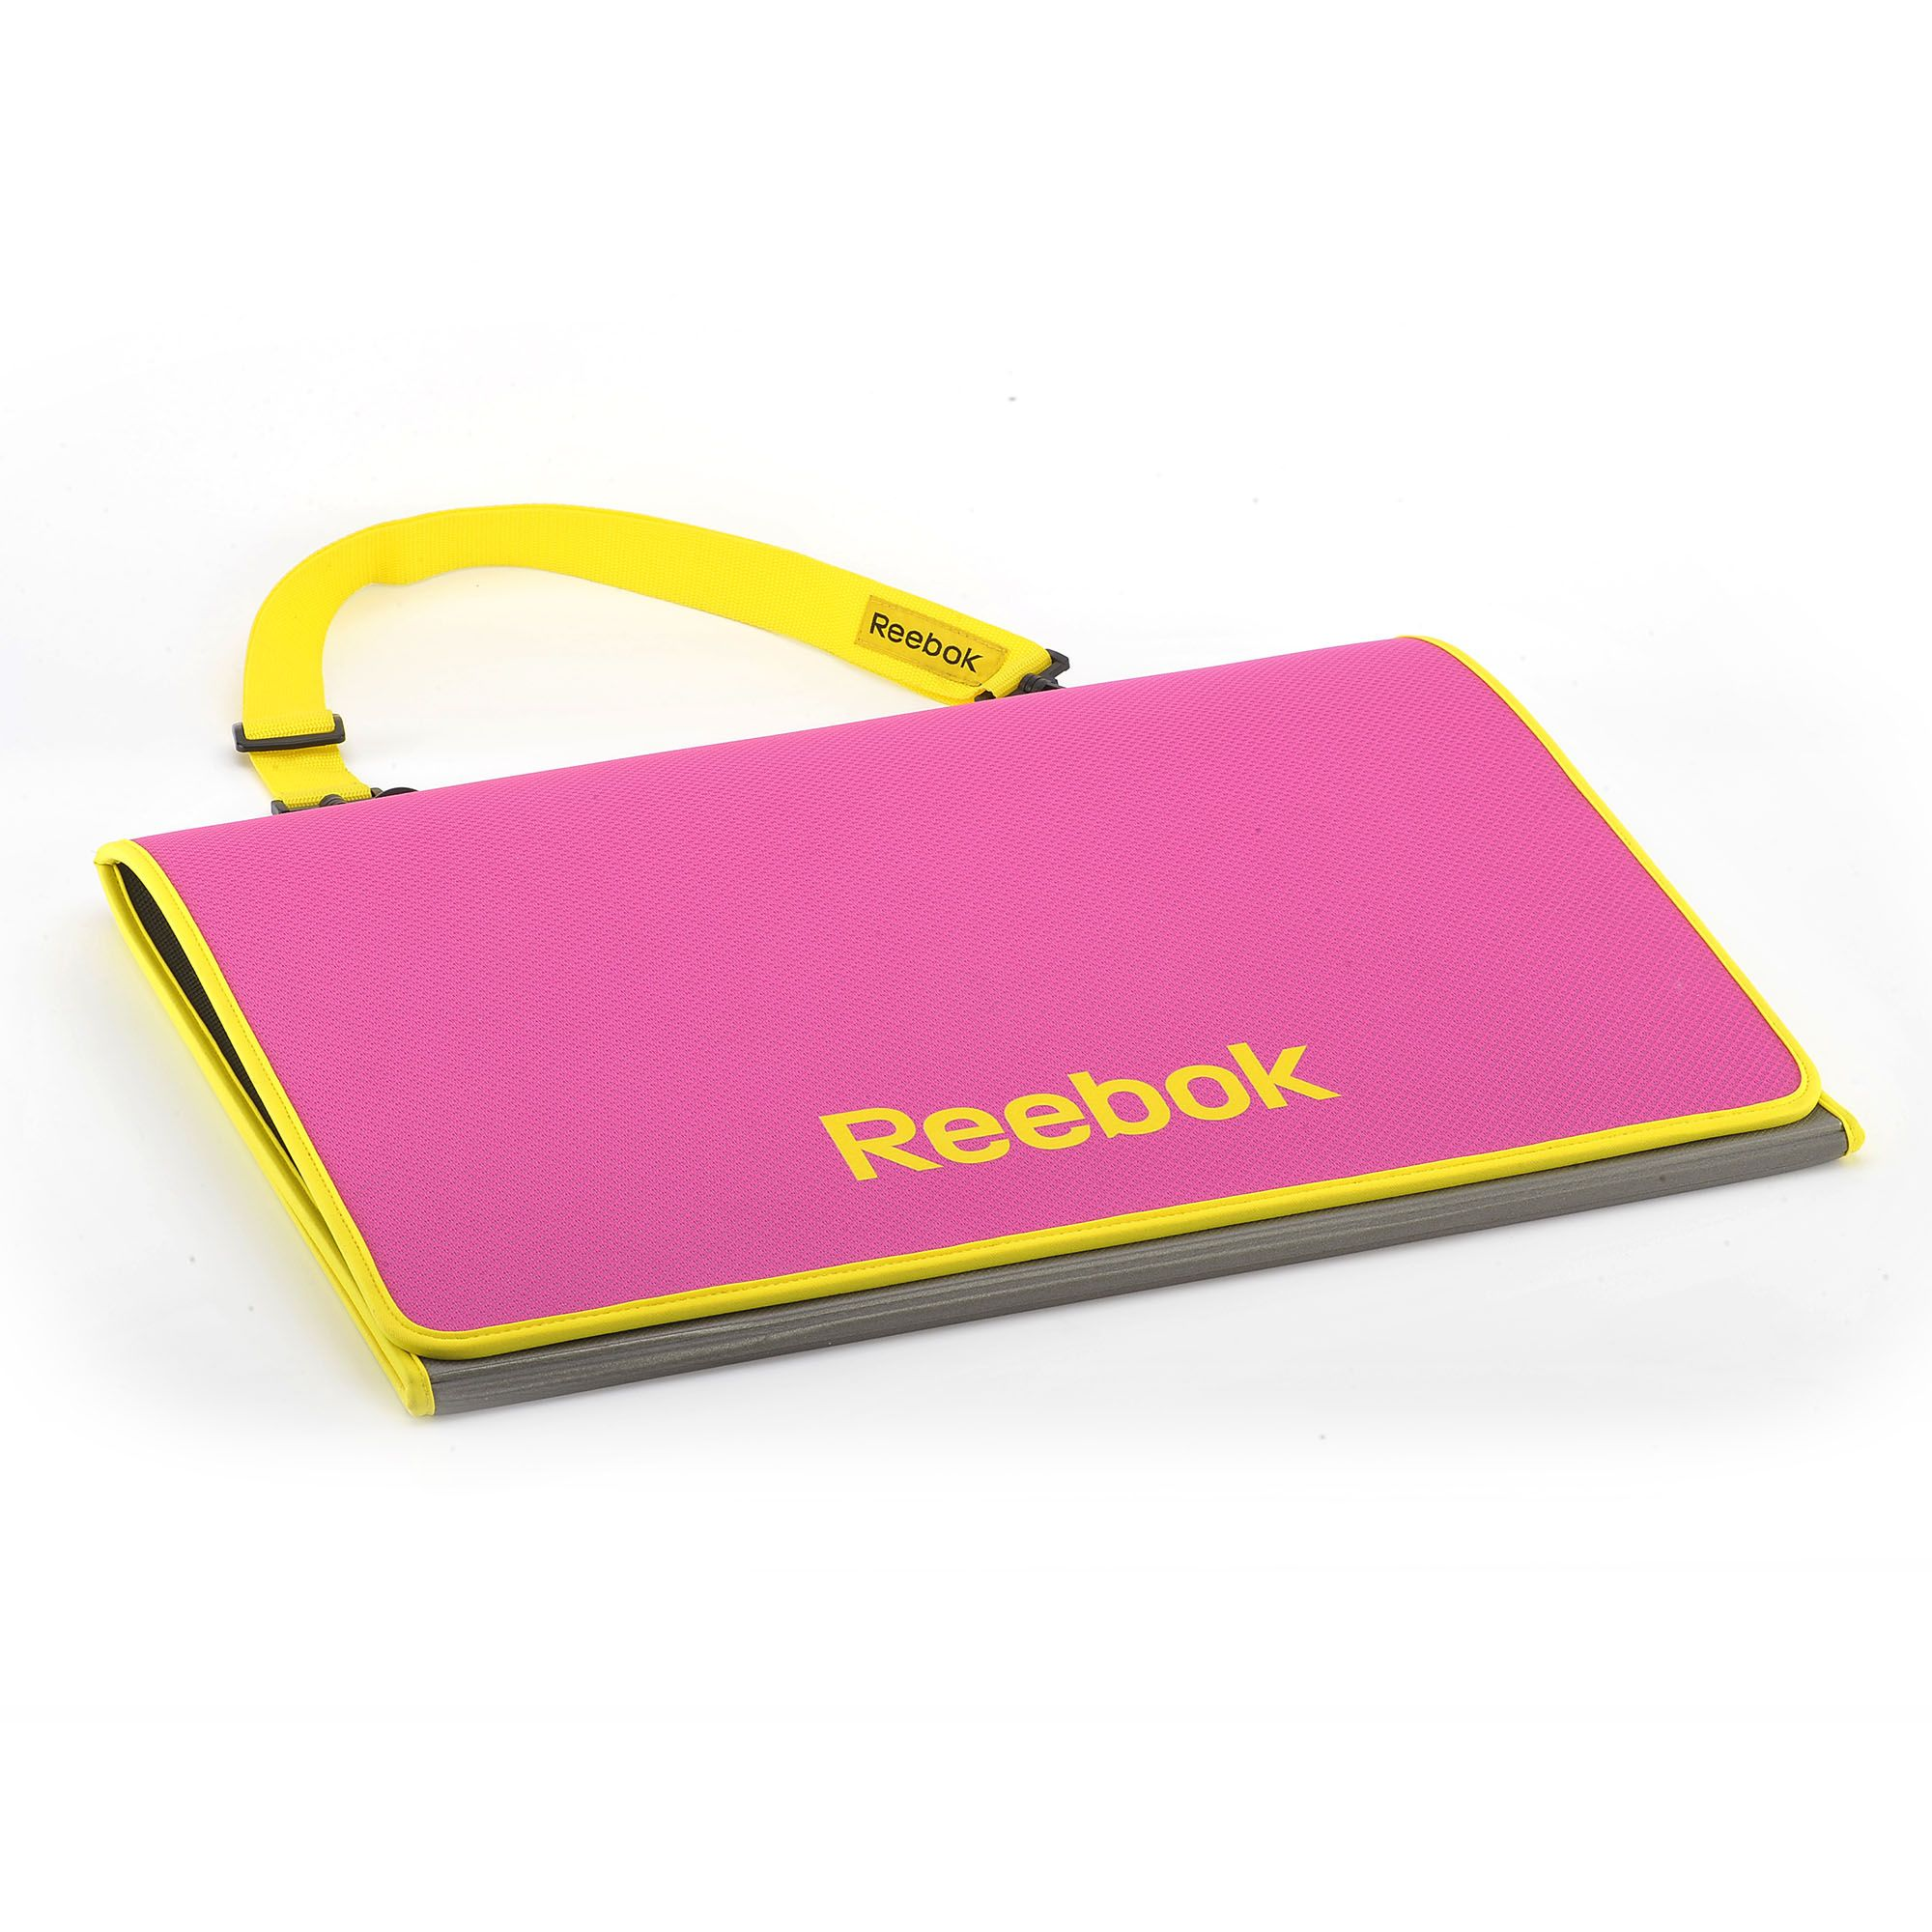 Reebok Tri Fold Fitness Mat Sweatband Com